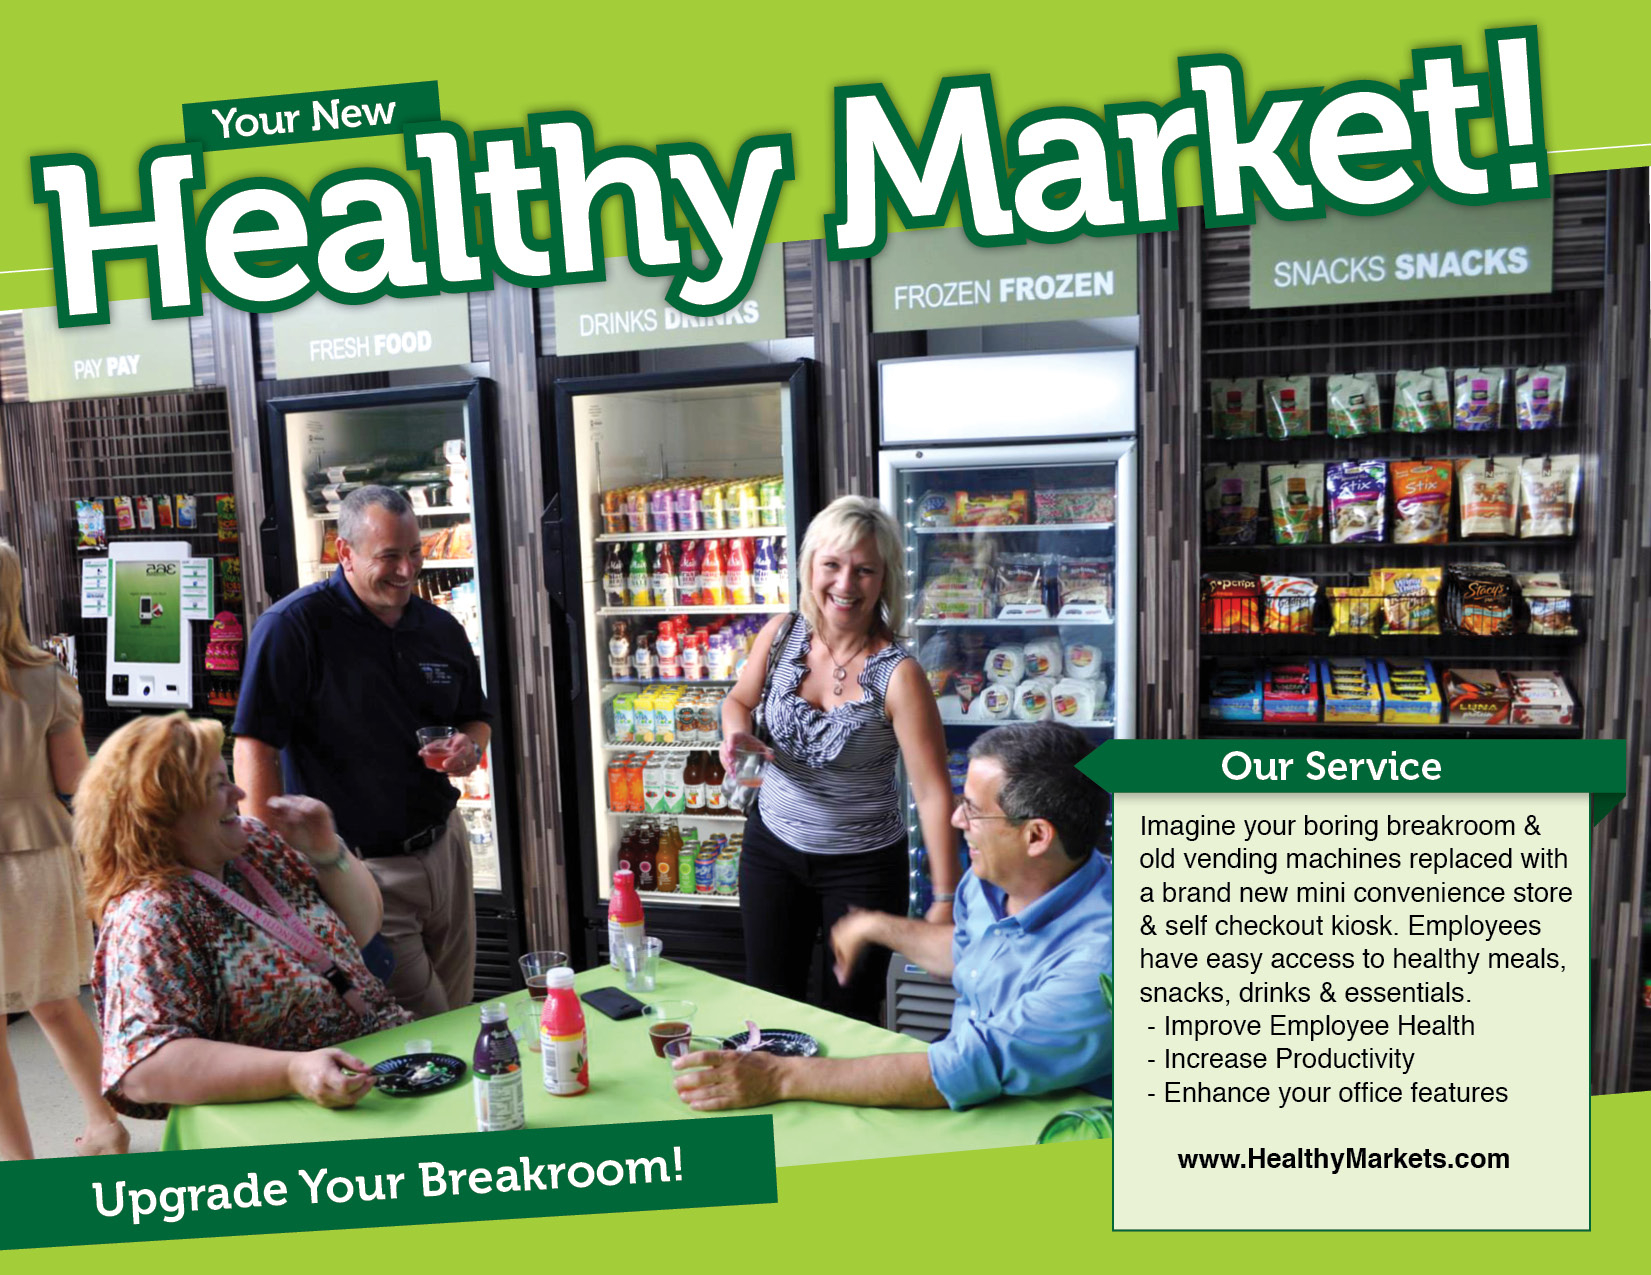 Human_HealthyMarket_flyer